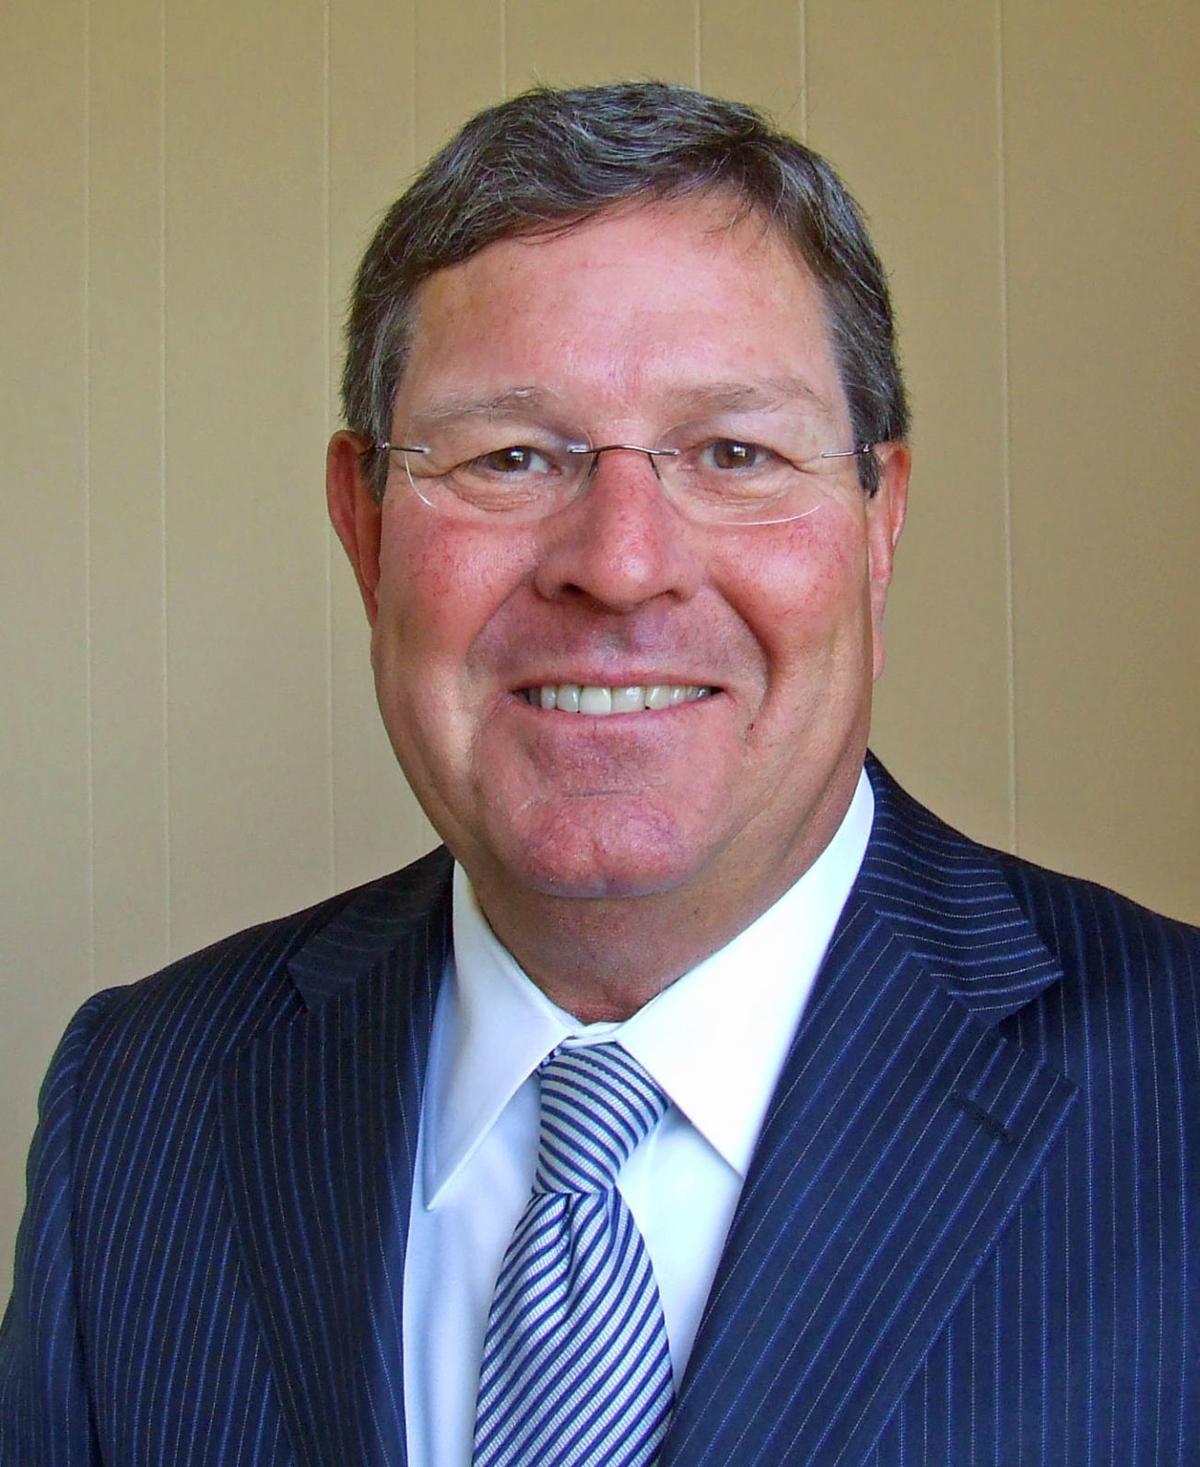 Ronald G. Overholt